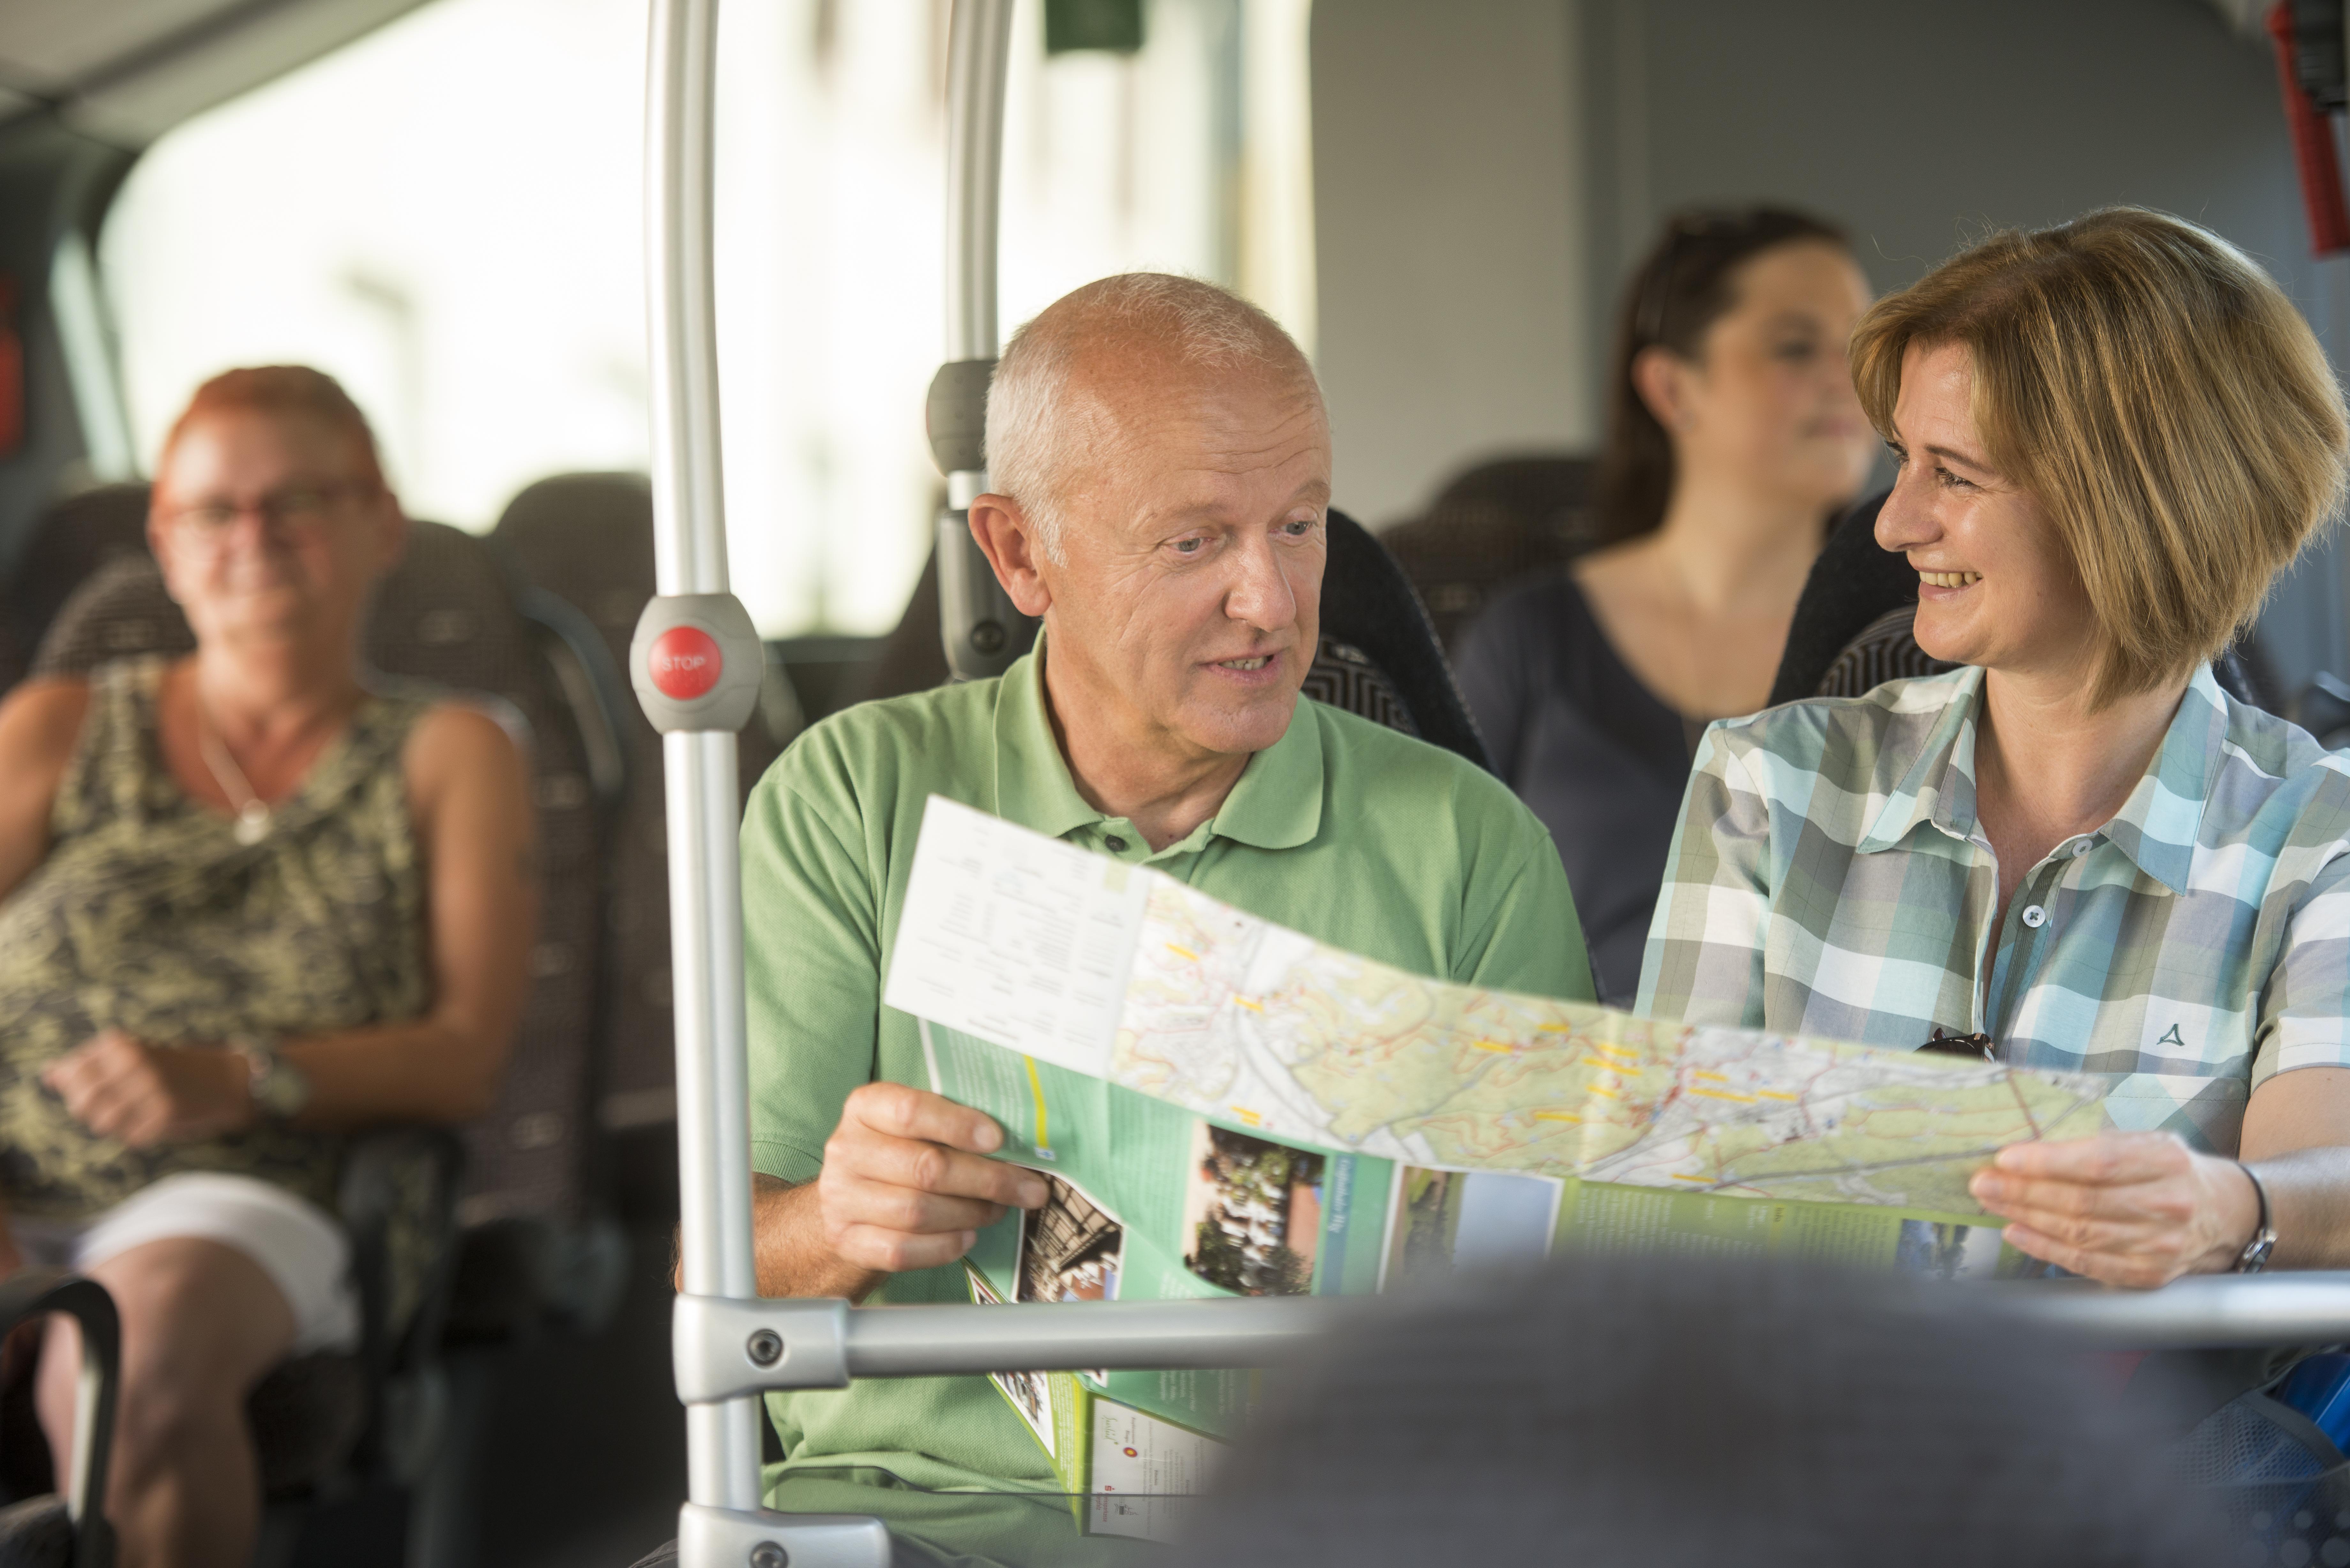 Nutzen Sie den Biosphärenbus zur Hin- und rückfahrt von Wanderungen